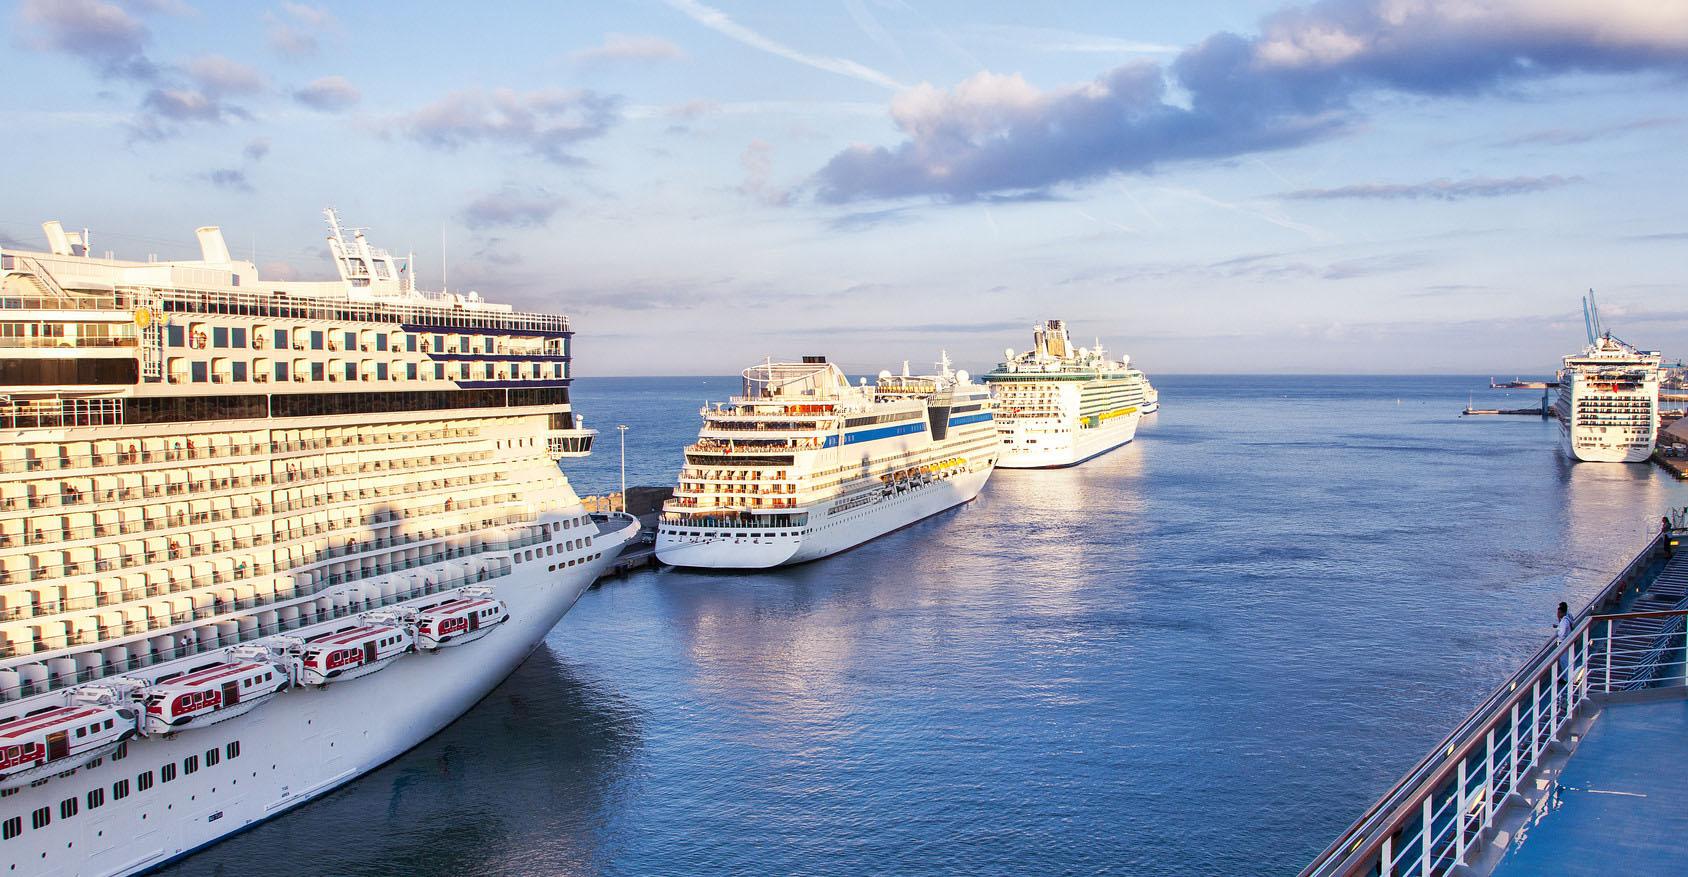 Rome to cruise ship terminal - Train from fiumicino to civitavecchia port ...